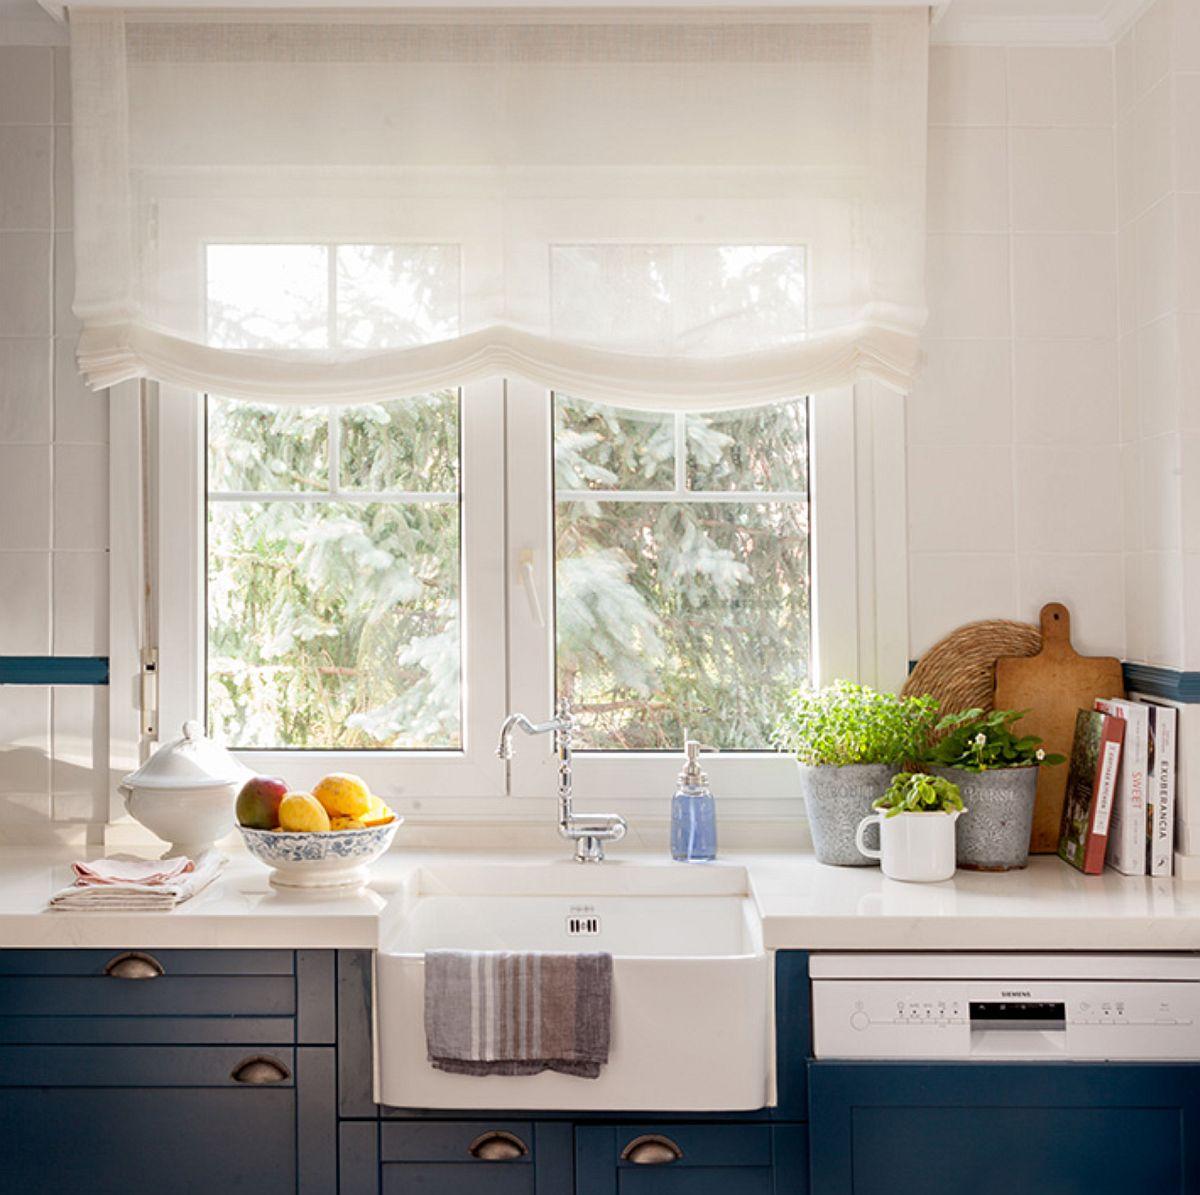 Evident că nu putea lipsi dintr-o bucătărie cu tușe englezești chiuveta din fața ferestrei. Dar nu e vorba numai de chiuvetă, ci și de modul de decorare al întregului spațiu, de la storul alb care încadrează fereastra cu șprosuri la designul mobilierului de bucătărie. Mult alb, care oferă mai multă luminozitate, dar și senzația de spațiu amplu și ordonat, curat.